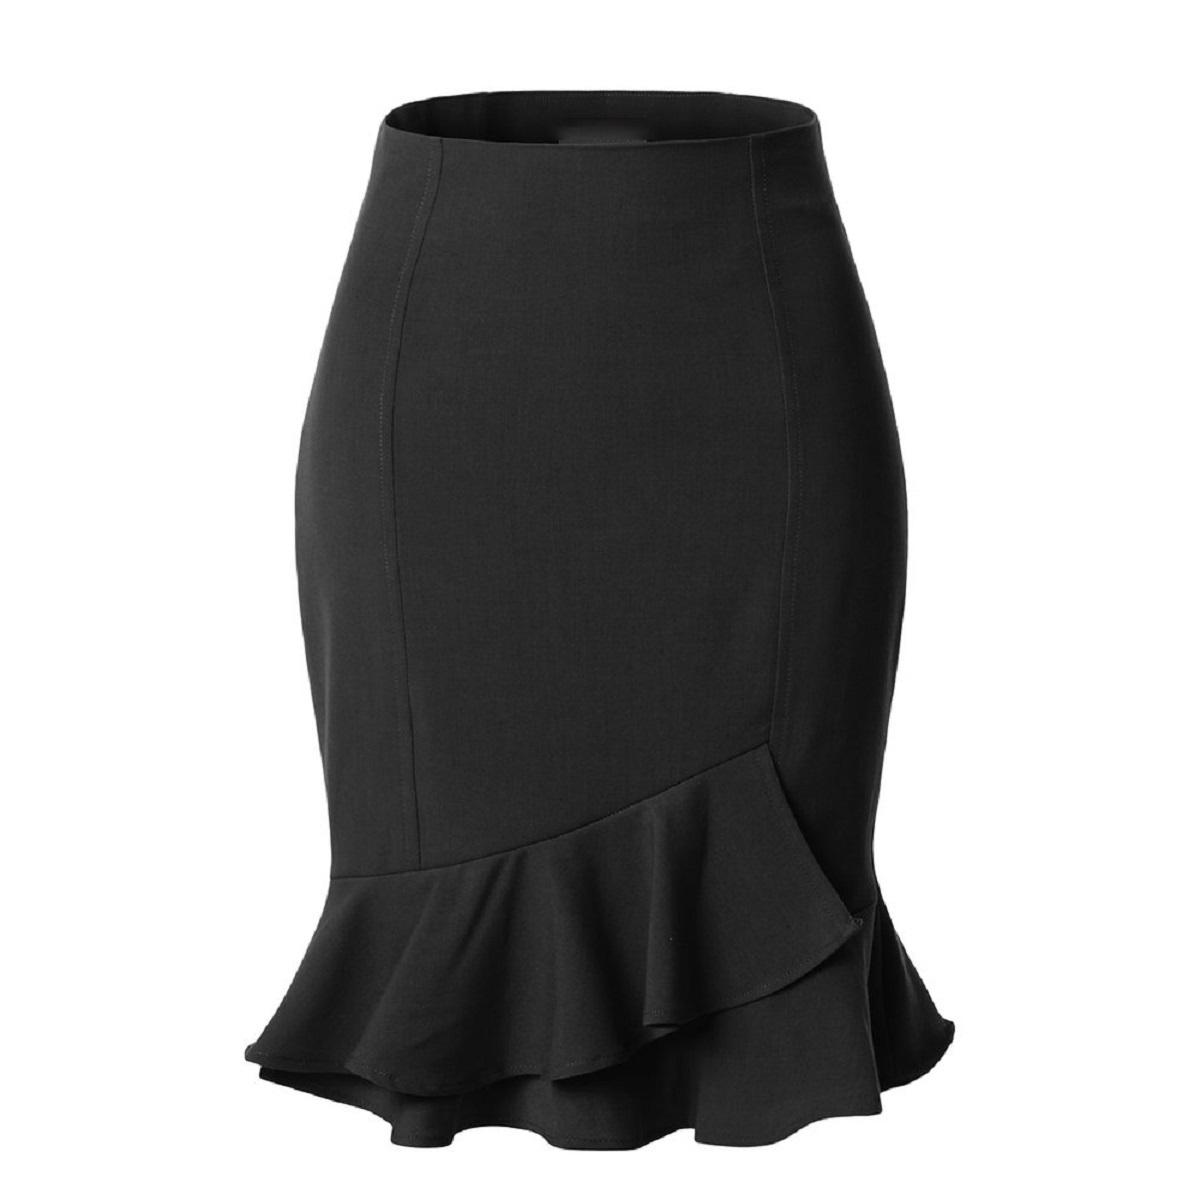 Form chân váy giúp tôn lên vóc dáng nữ, mông tròn hơn, nhấn eo và bụng phẳng hơn